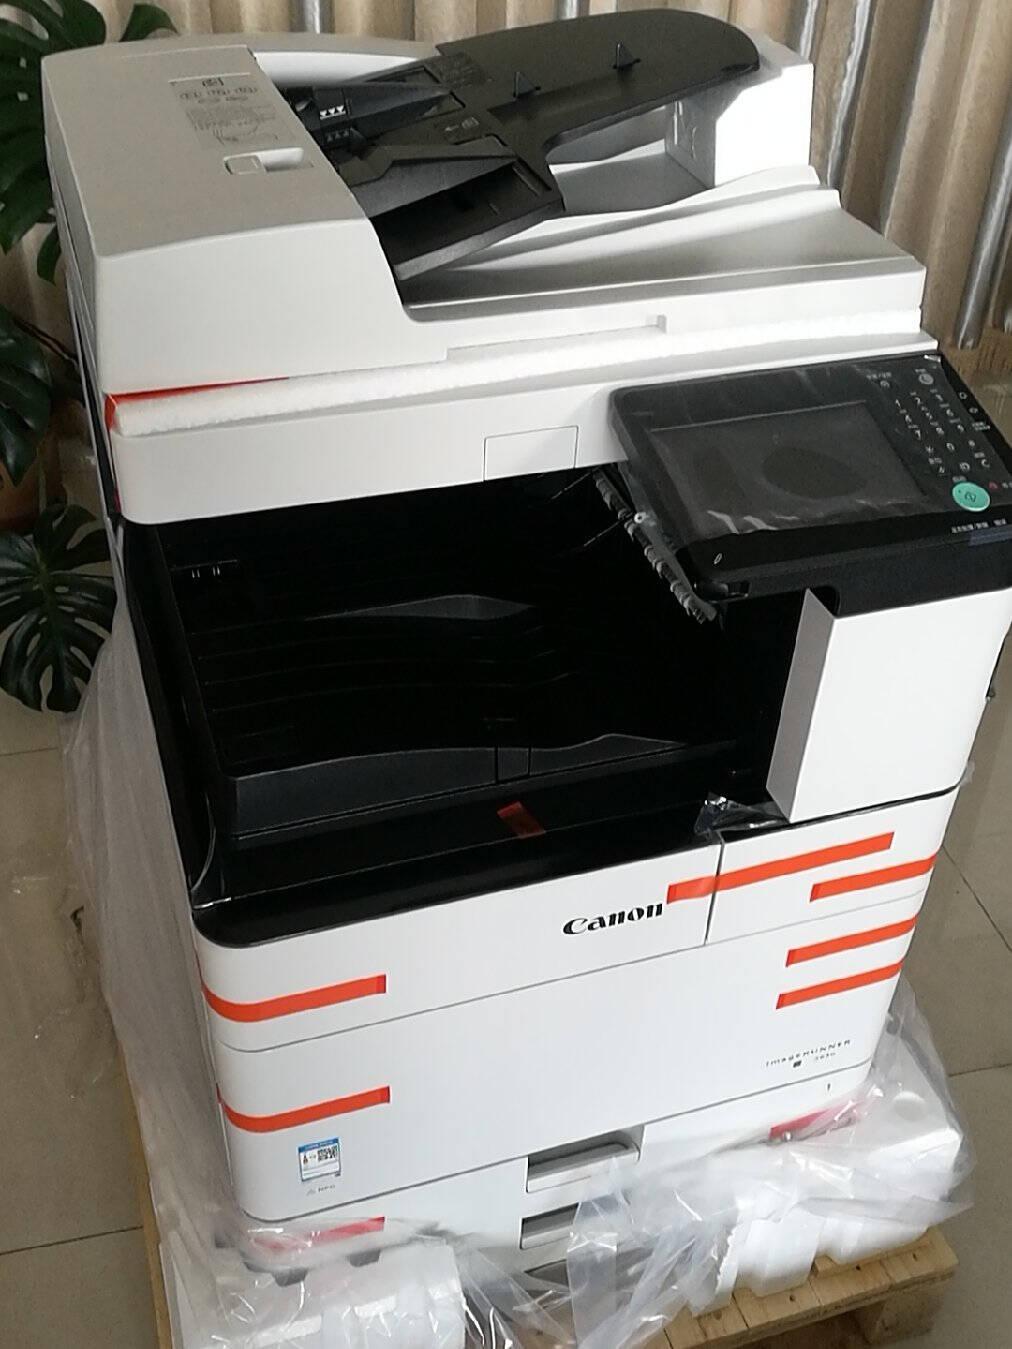 佳能(Canon)iR2630A3黑白数码复合机(双面打印/复印/扫描)含WiFi双面自动输稿器工作台-iR2530i升级款